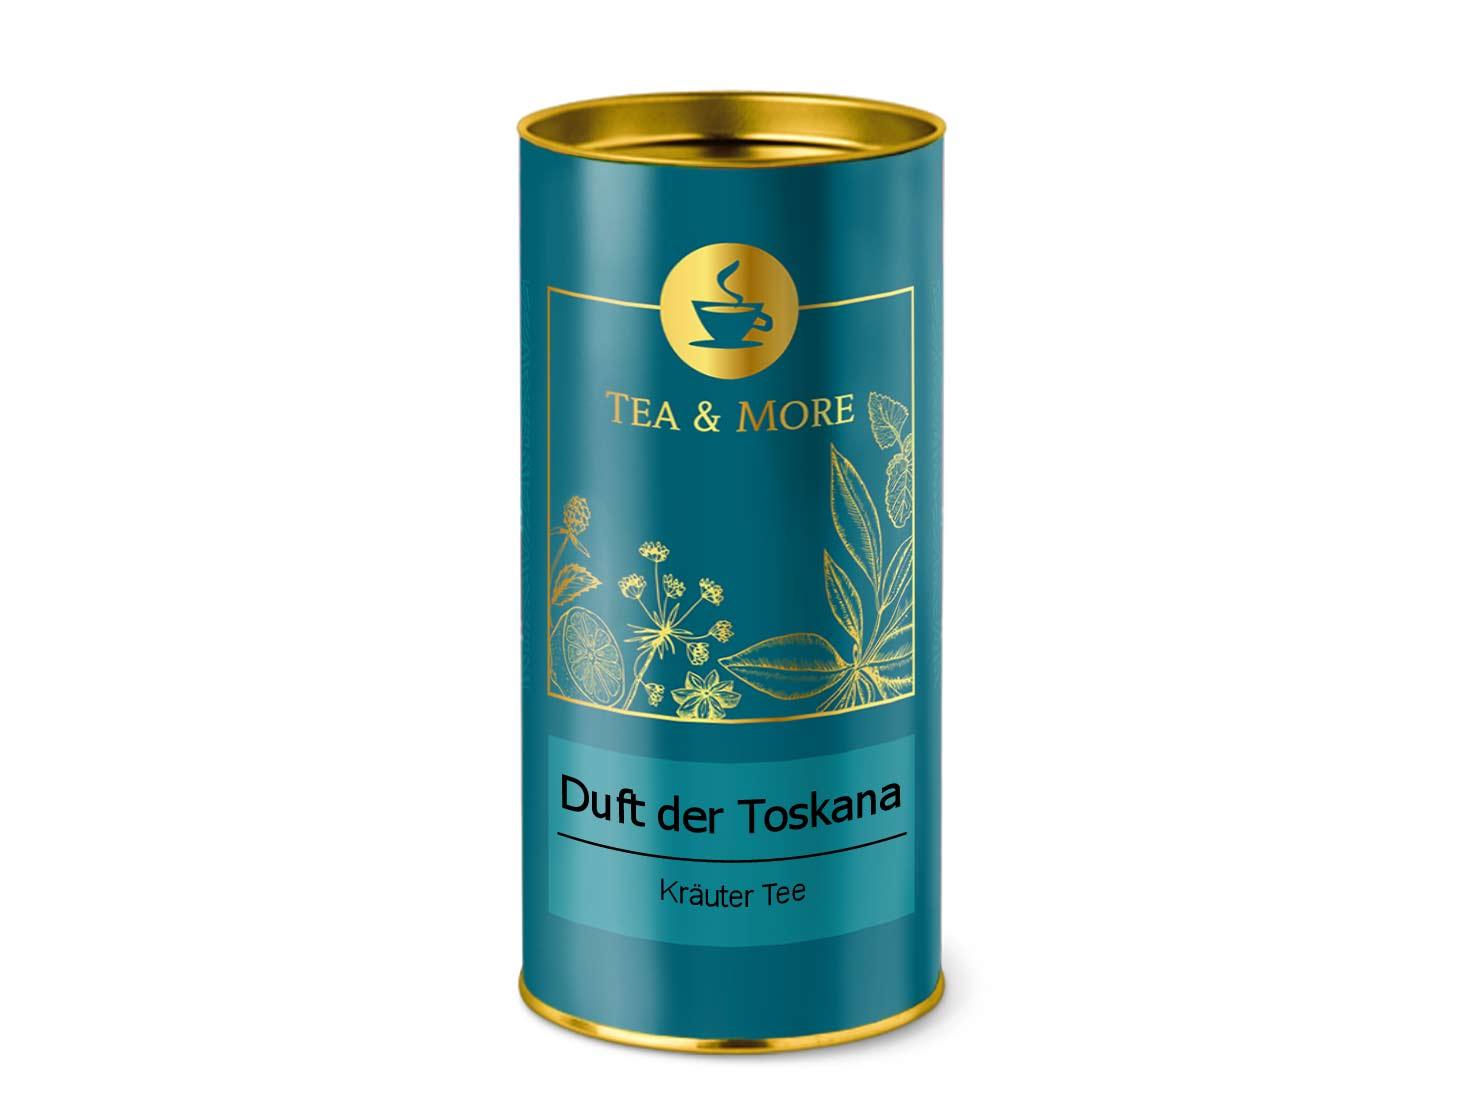 Duft der Toskana